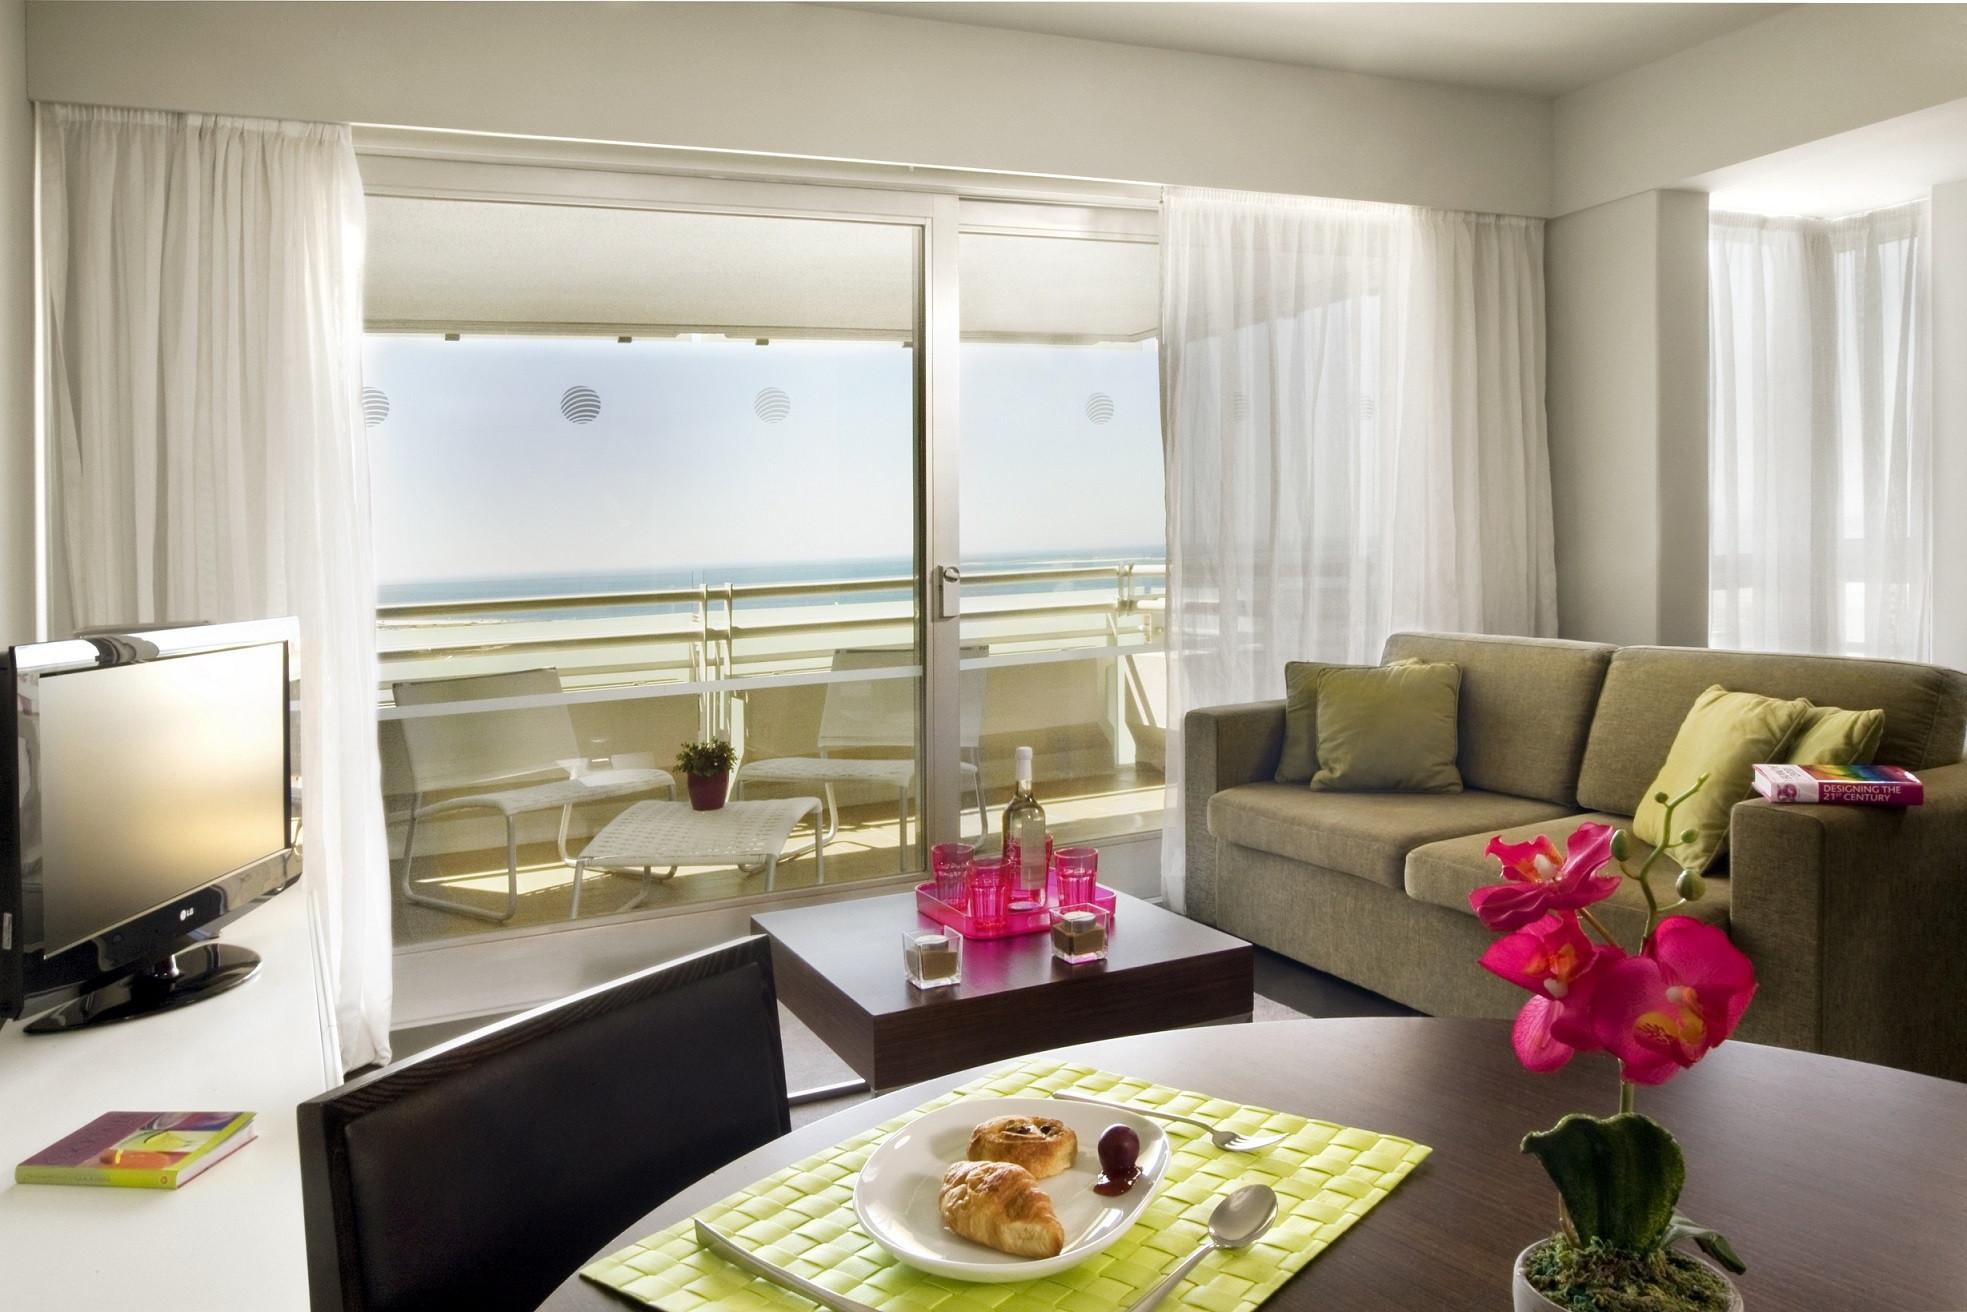 S.Hotels antecipa férias com condições especiais para feriados